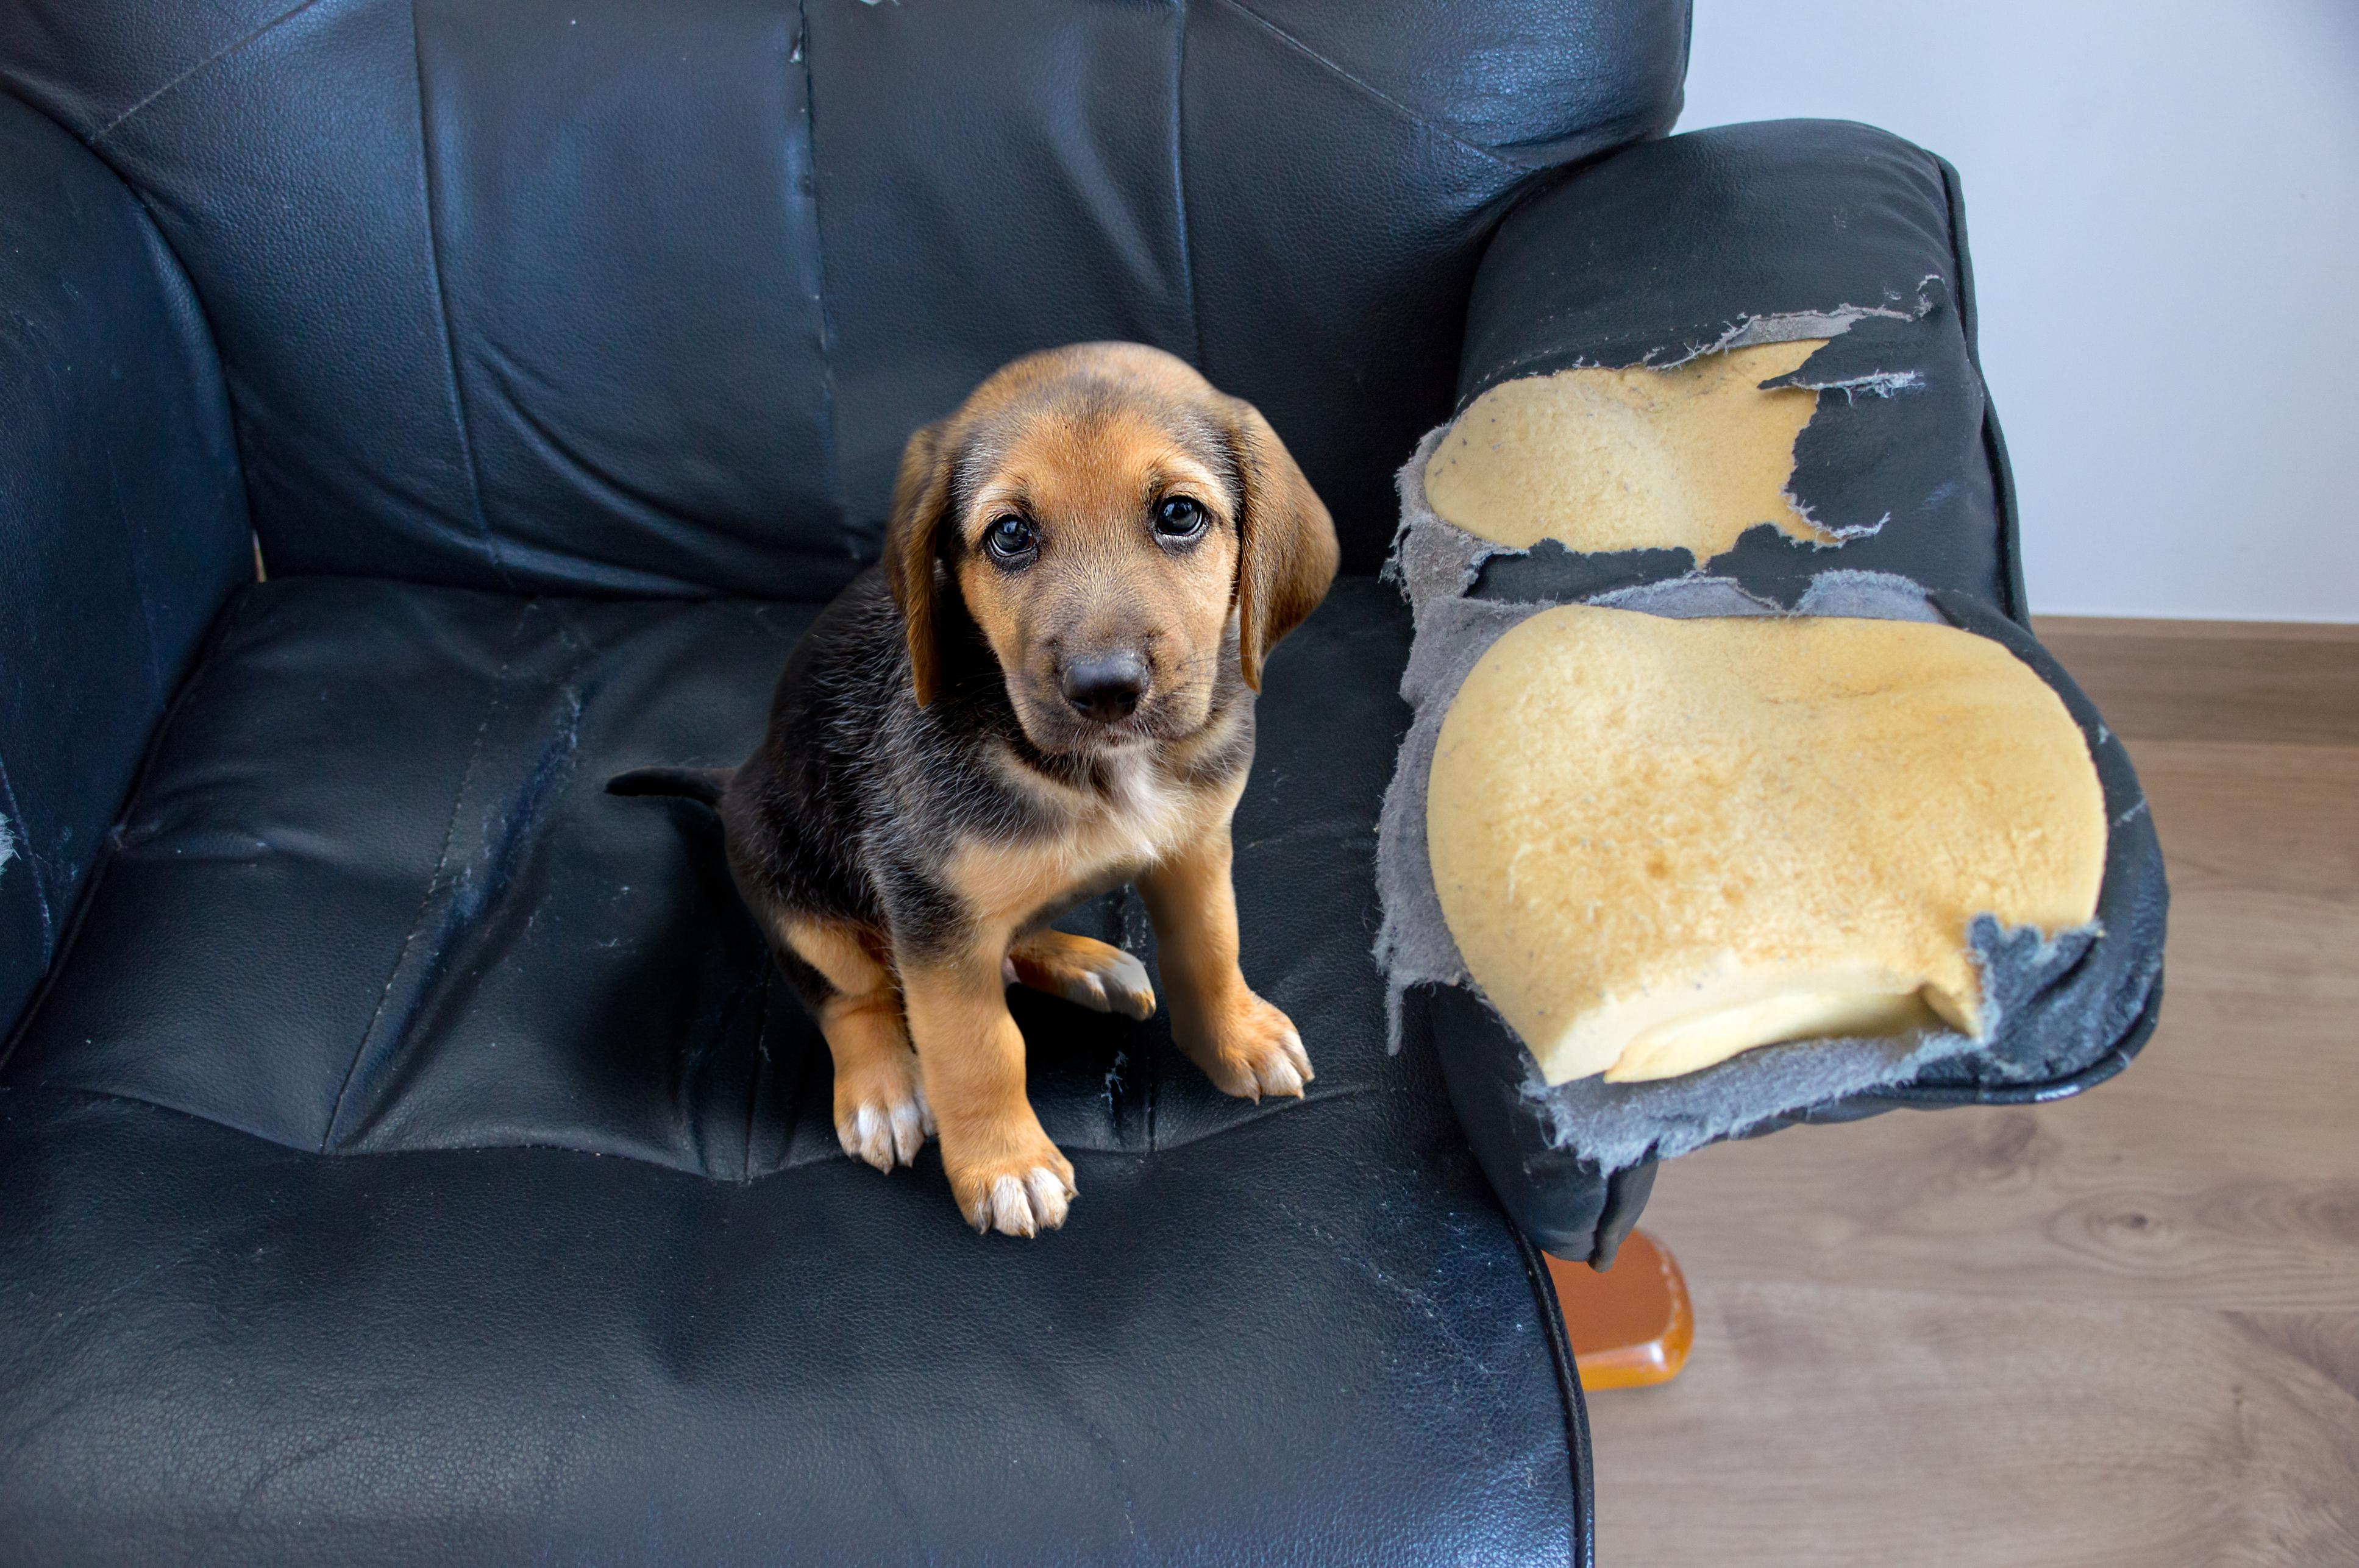 <p>&quot;Камерите за наблюдение са изключително полезни. Благодарение на тях стопаните могат да разберат какво влече питомците им, което в някои ситуации може да се окаже животоспасяващо - както в случая с куче, което оставено само тършува из хладилника и шкафовете за храна&quot; казва&nbsp;Райън Нийл от организацията.</p>